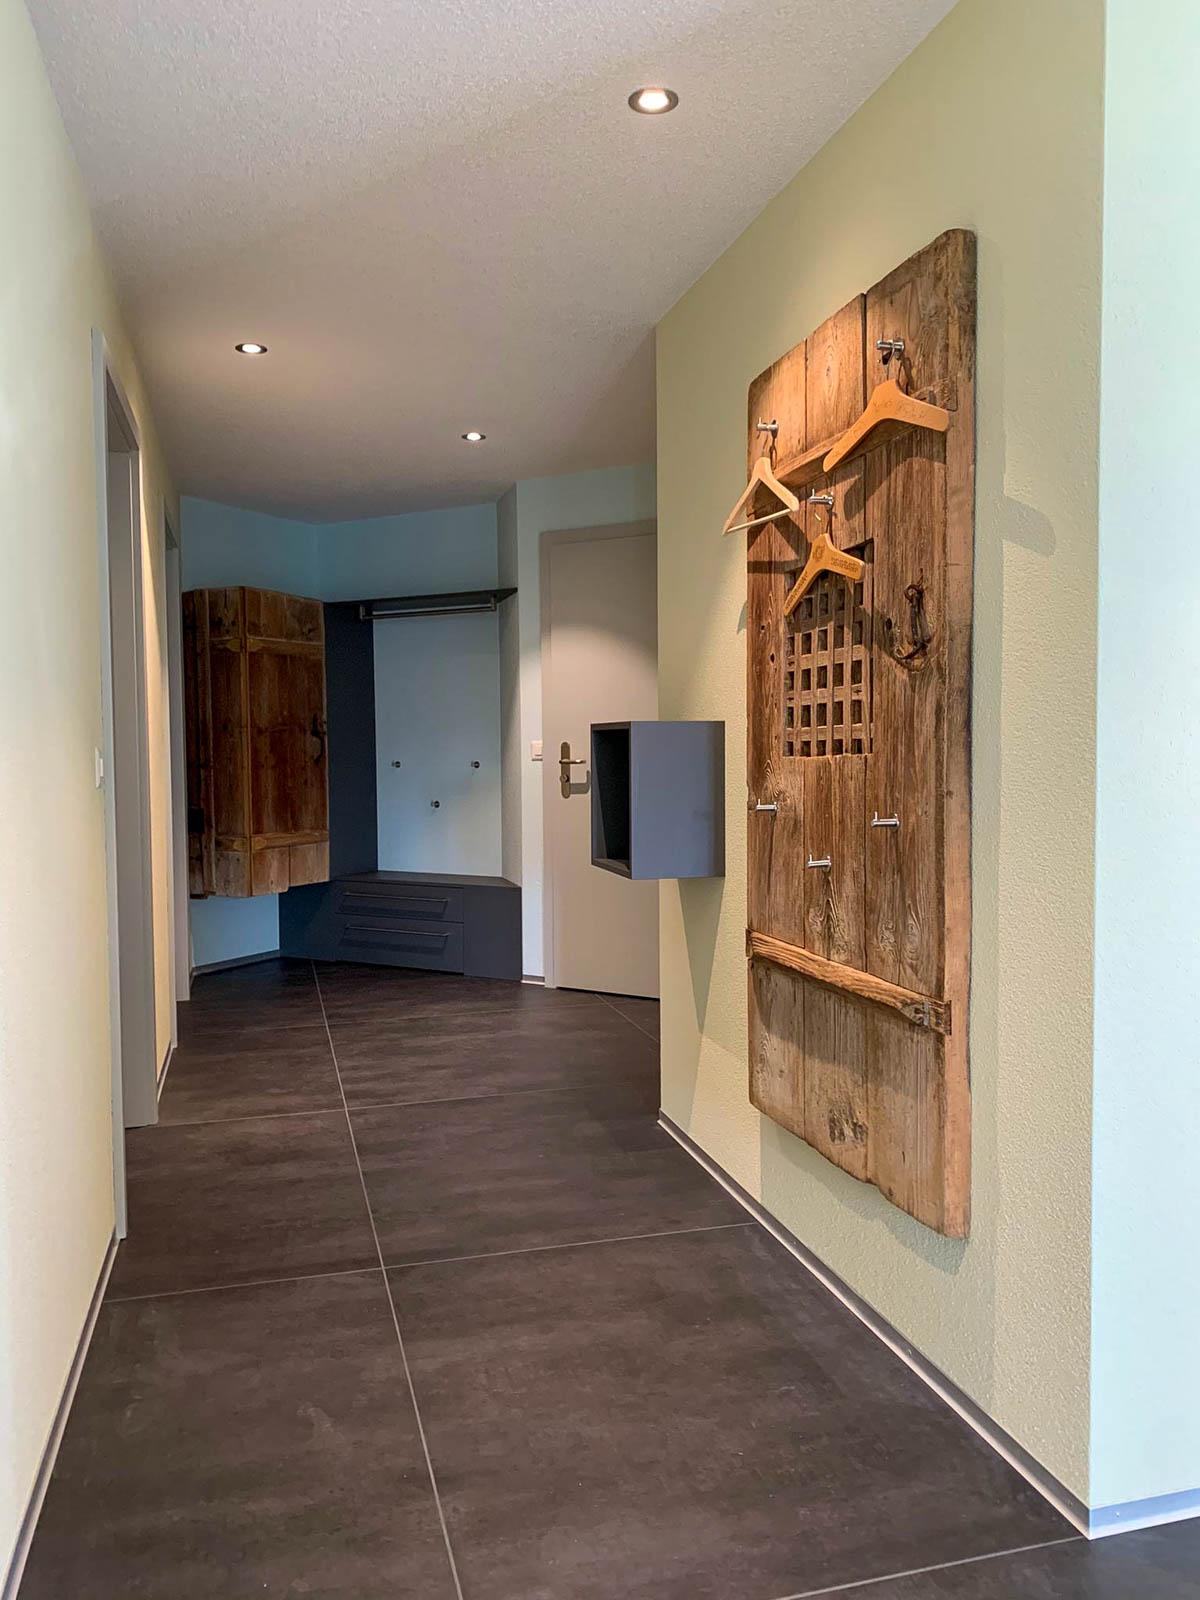 Wooddesign_Garderobe_Altholz_anthrazit_offene Garderobe_Edelstahl_modern_rustukal (7)